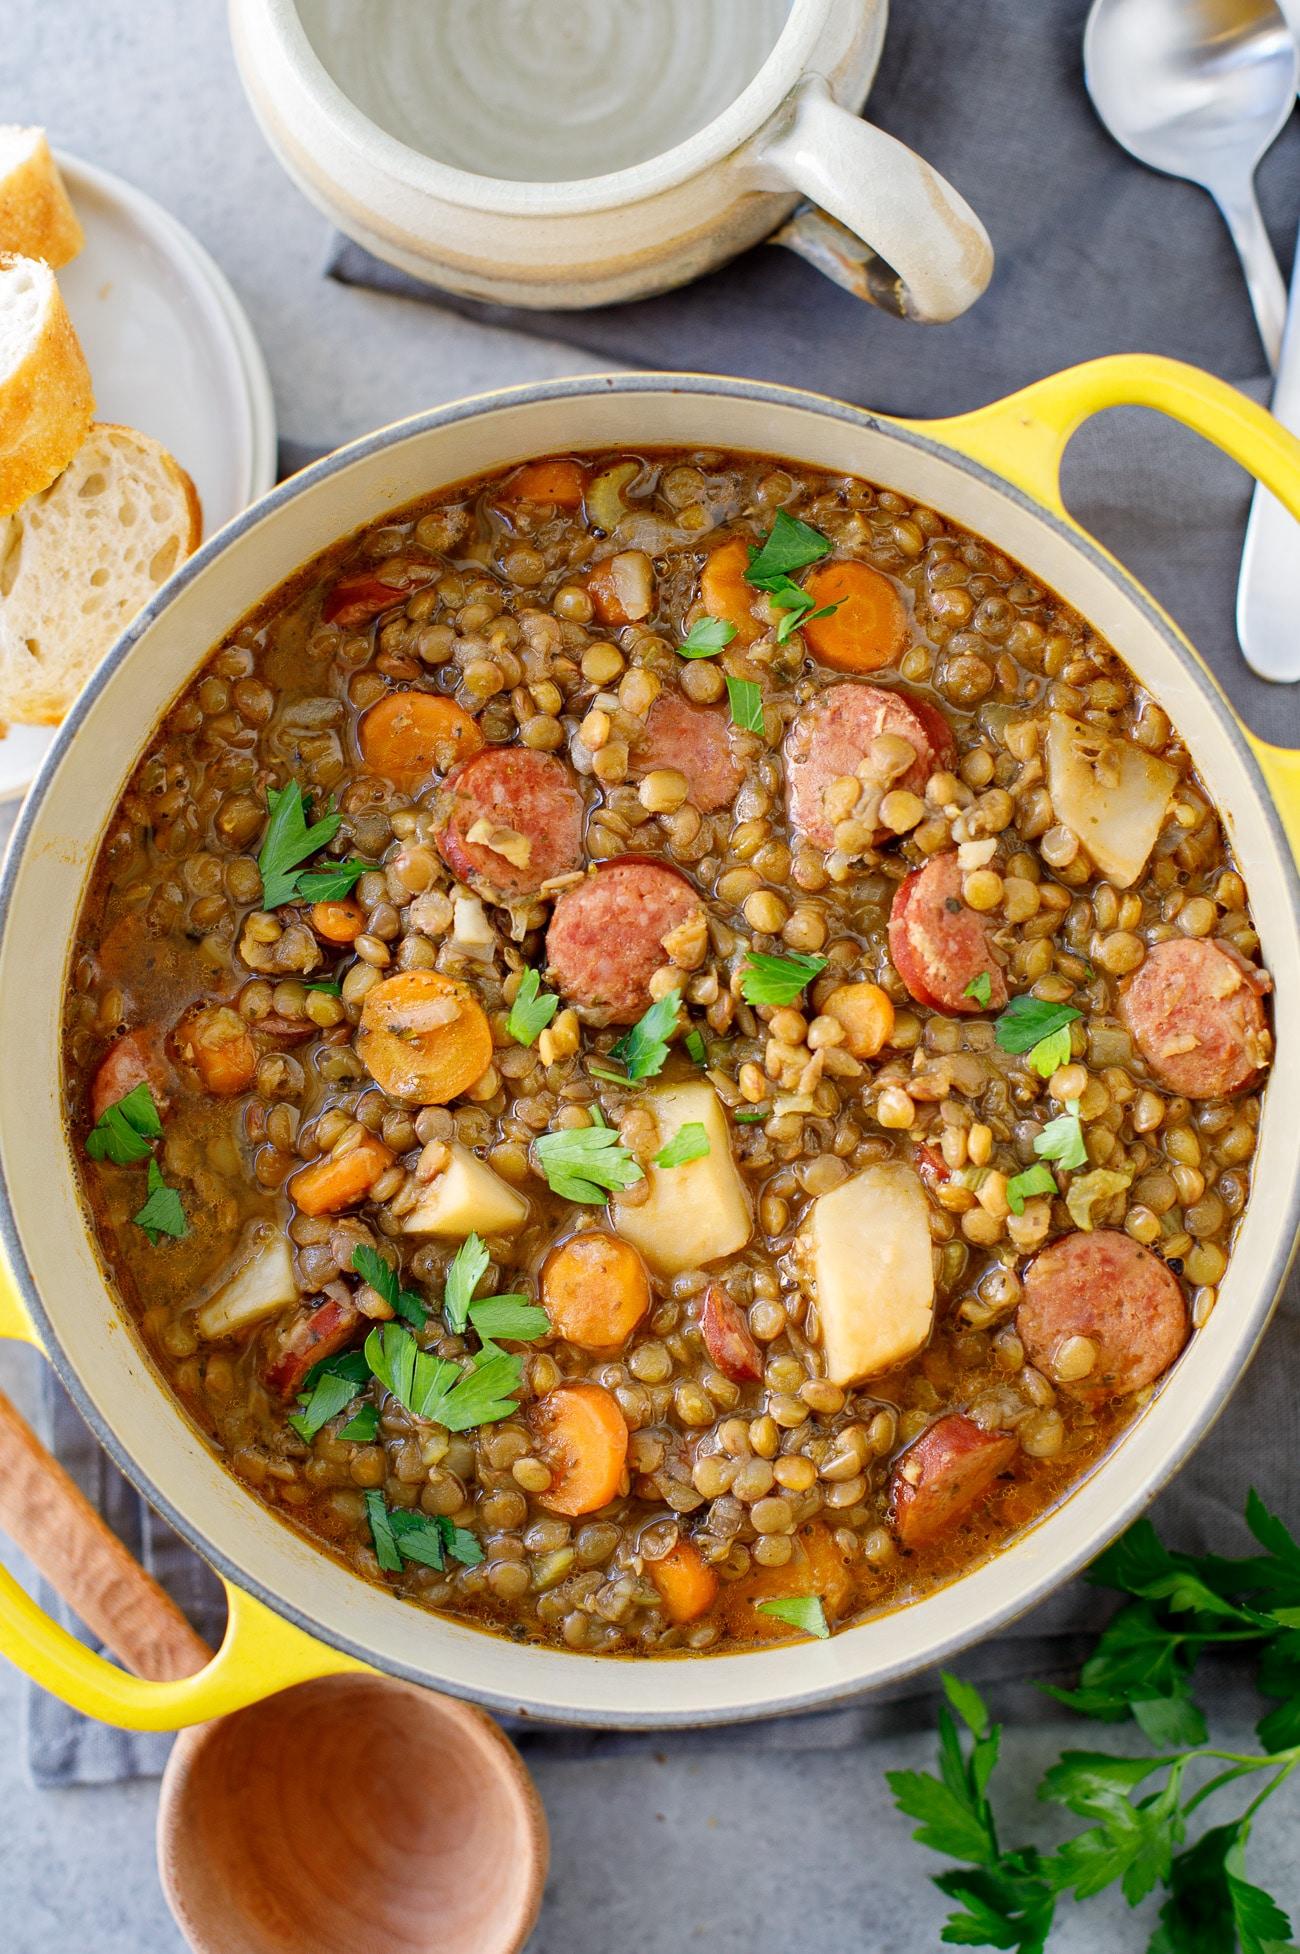 Rustic Lentil Stew Recipe - Lentil Soup with Kielbasa